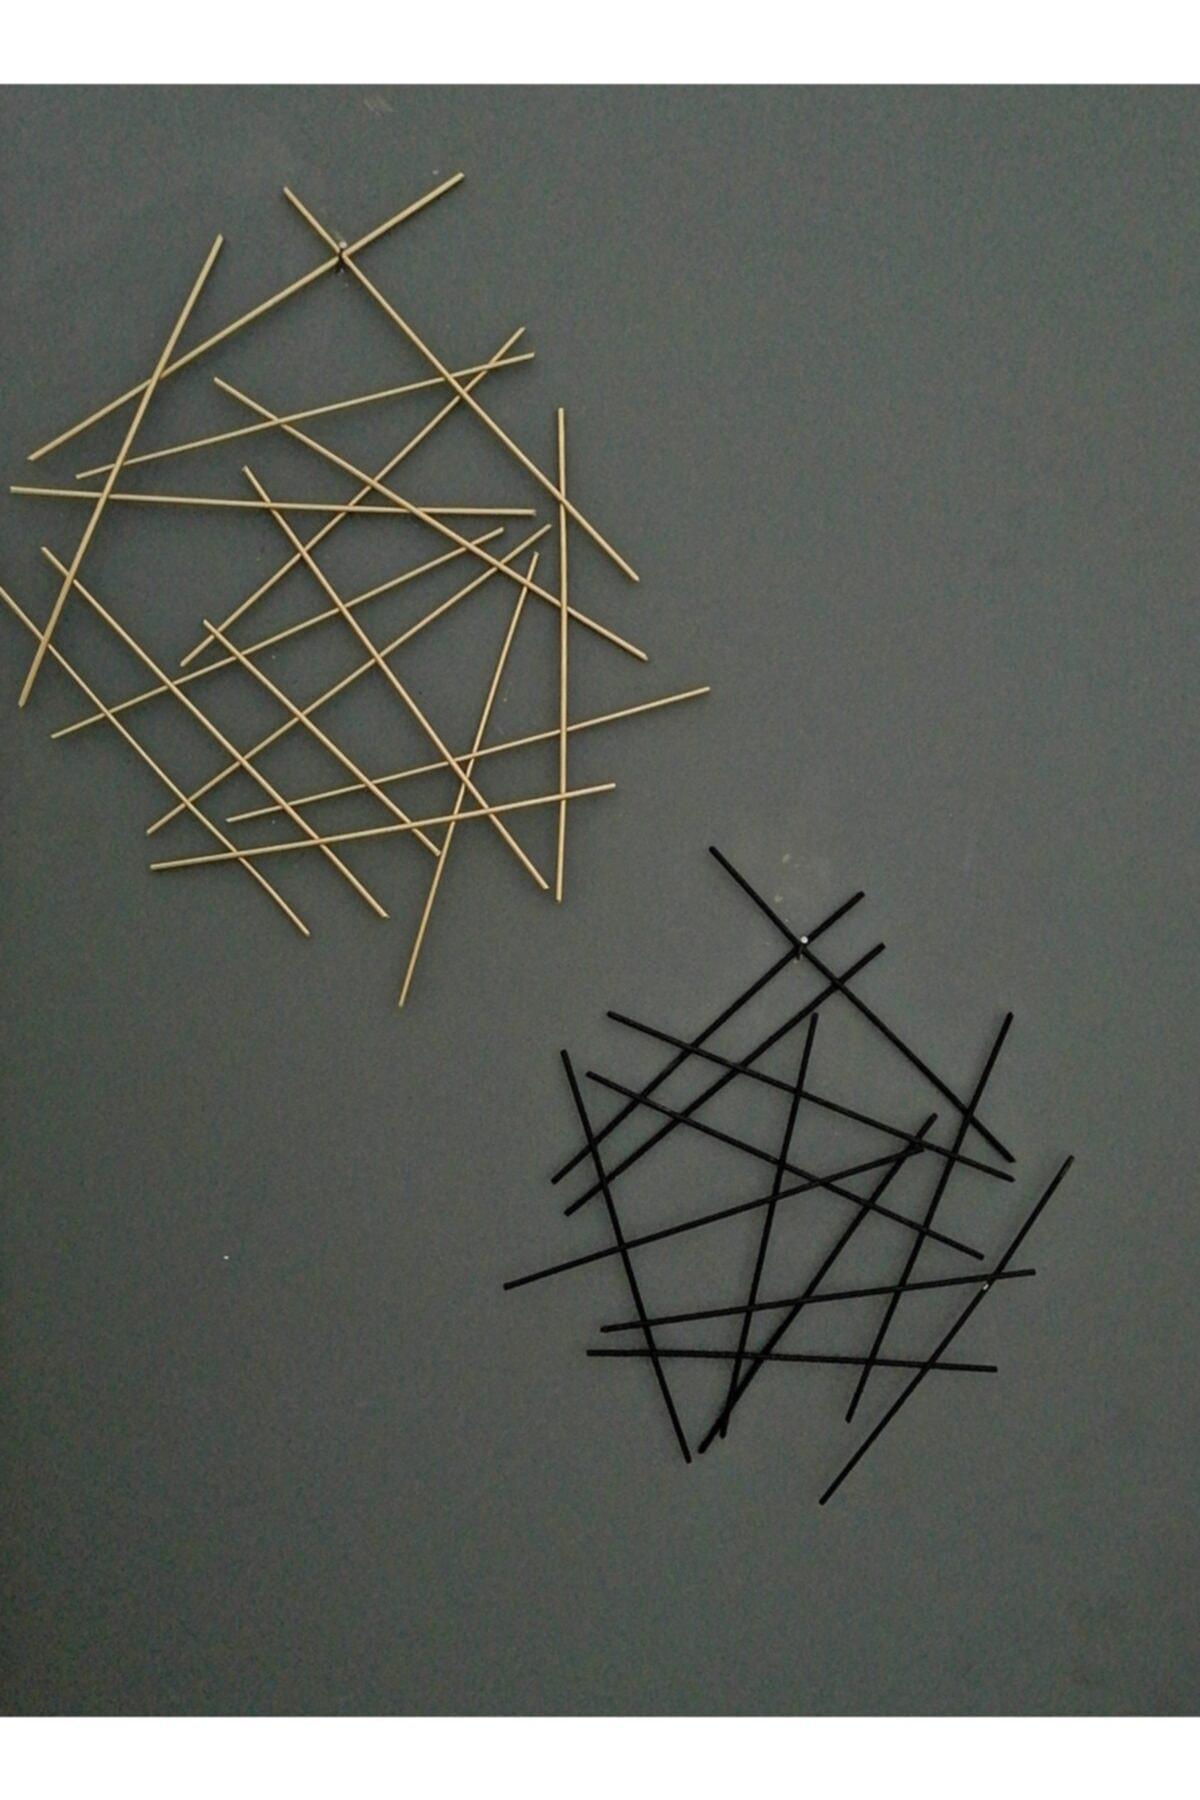 Metal Gold - Siyah Dekorasyon Ölçüler (24 cm*29cm) (30cm*35cm) Duvar Süsü Aksesuarı